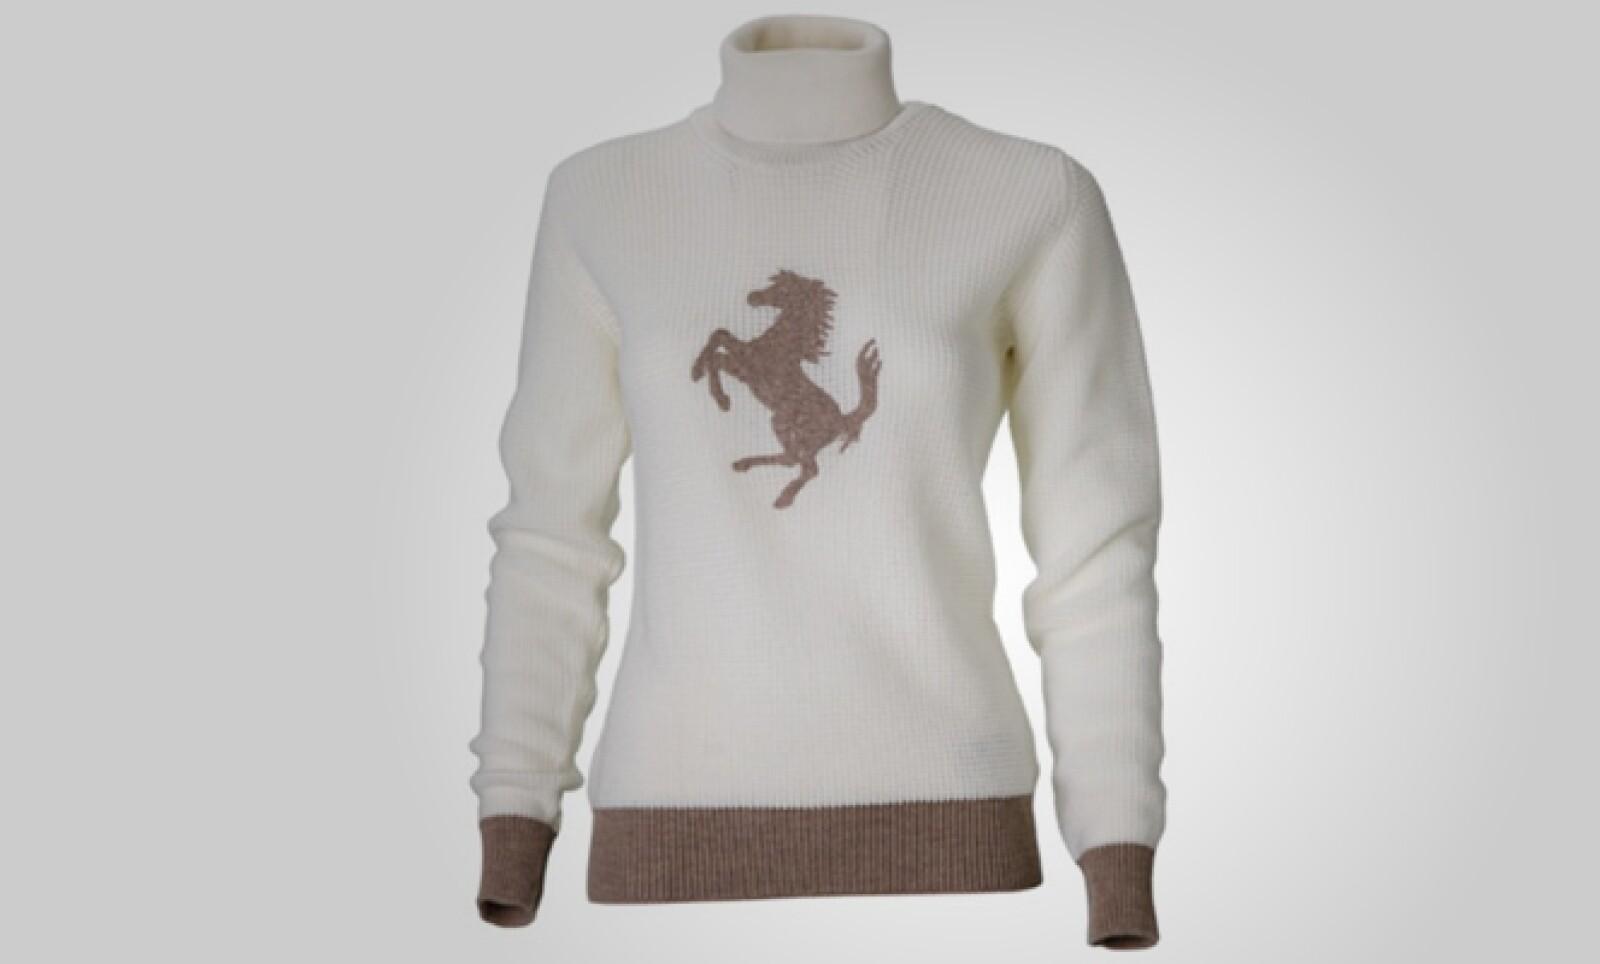 Las mujeres también quieren un poco de adrenalina. Este sweater clásico, estilo jumper, es ideal para contrarrestar una fría mañana. Precio: 227 dólares.